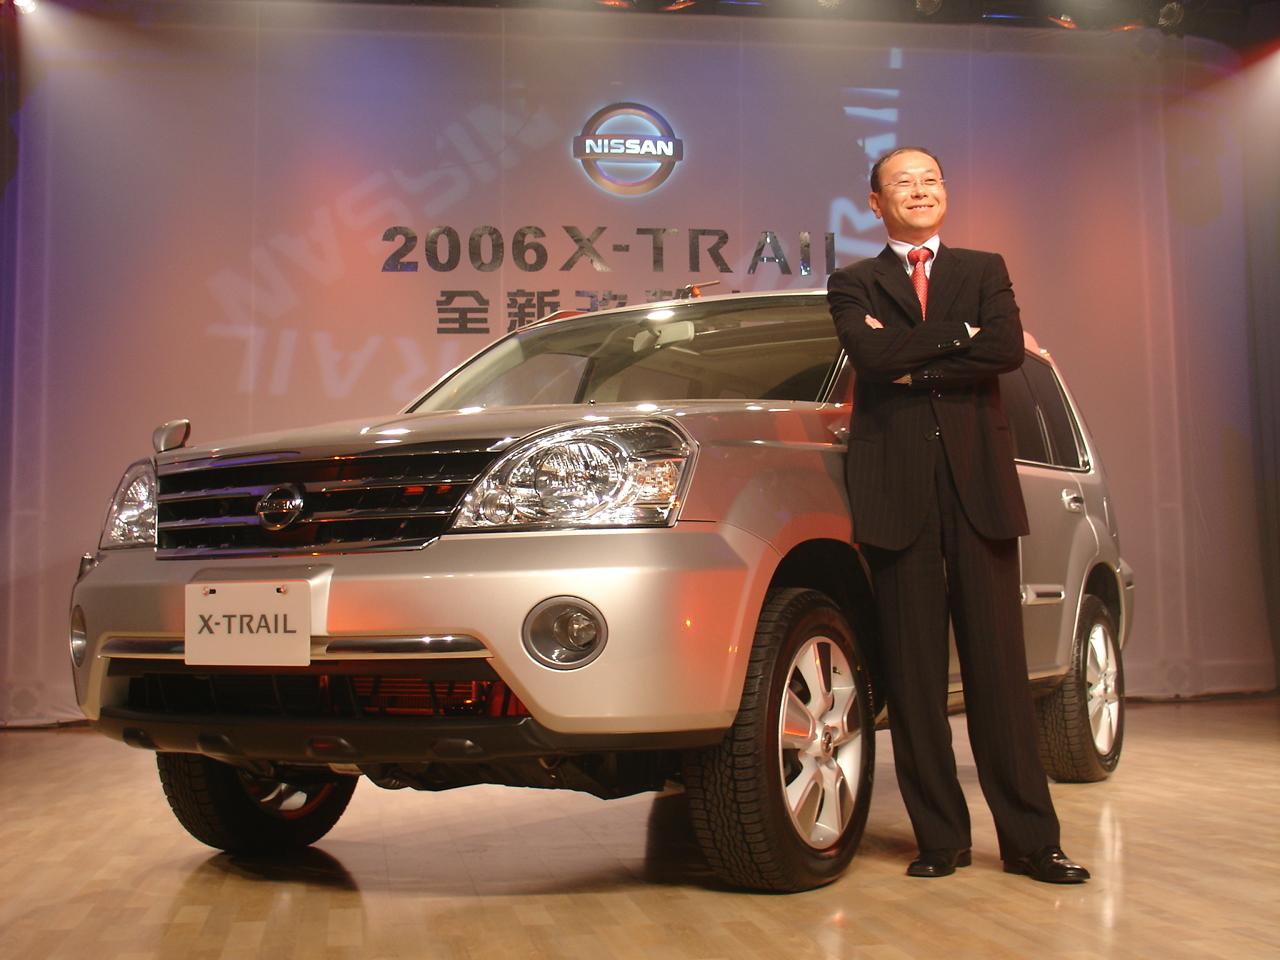 Nissan X-Trail Cars